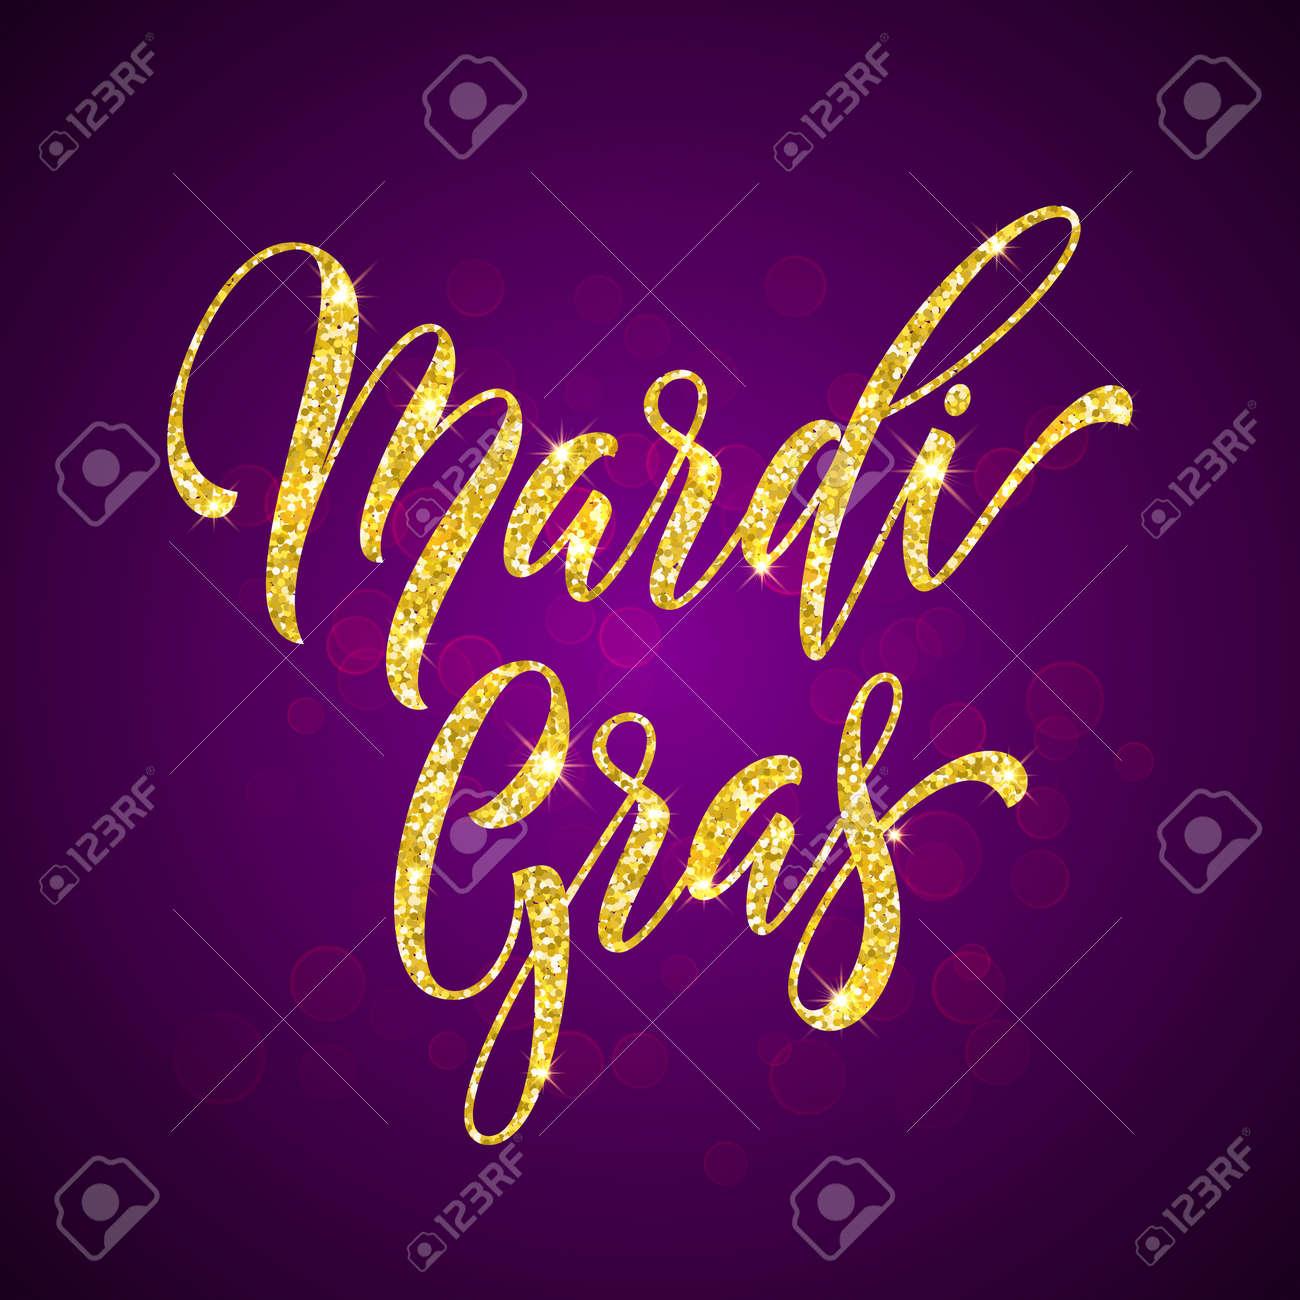 Mardi gras gold glitter calligraphy masquerade carnival lettering mardi gras gold glitter calligraphy masquerade carnival lettering australian traditional sydney mardi gras pride m4hsunfo